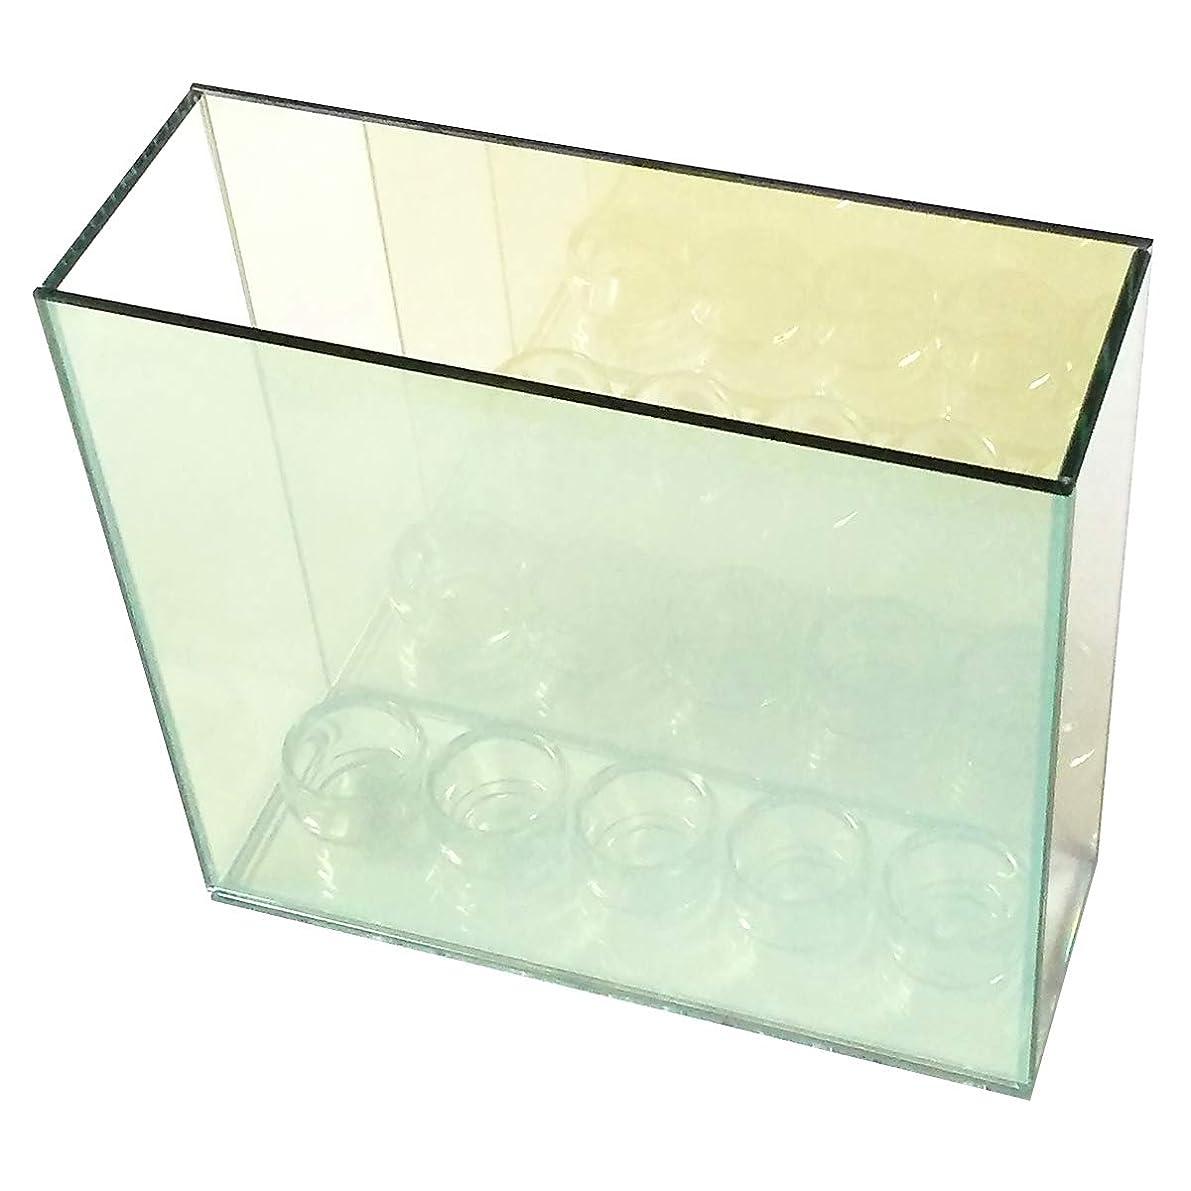 キャンセル上がる針無限連鎖キャンドルホルダー 5連 ガラス キャンドルスタンド ランタン ティーライトキャンドル